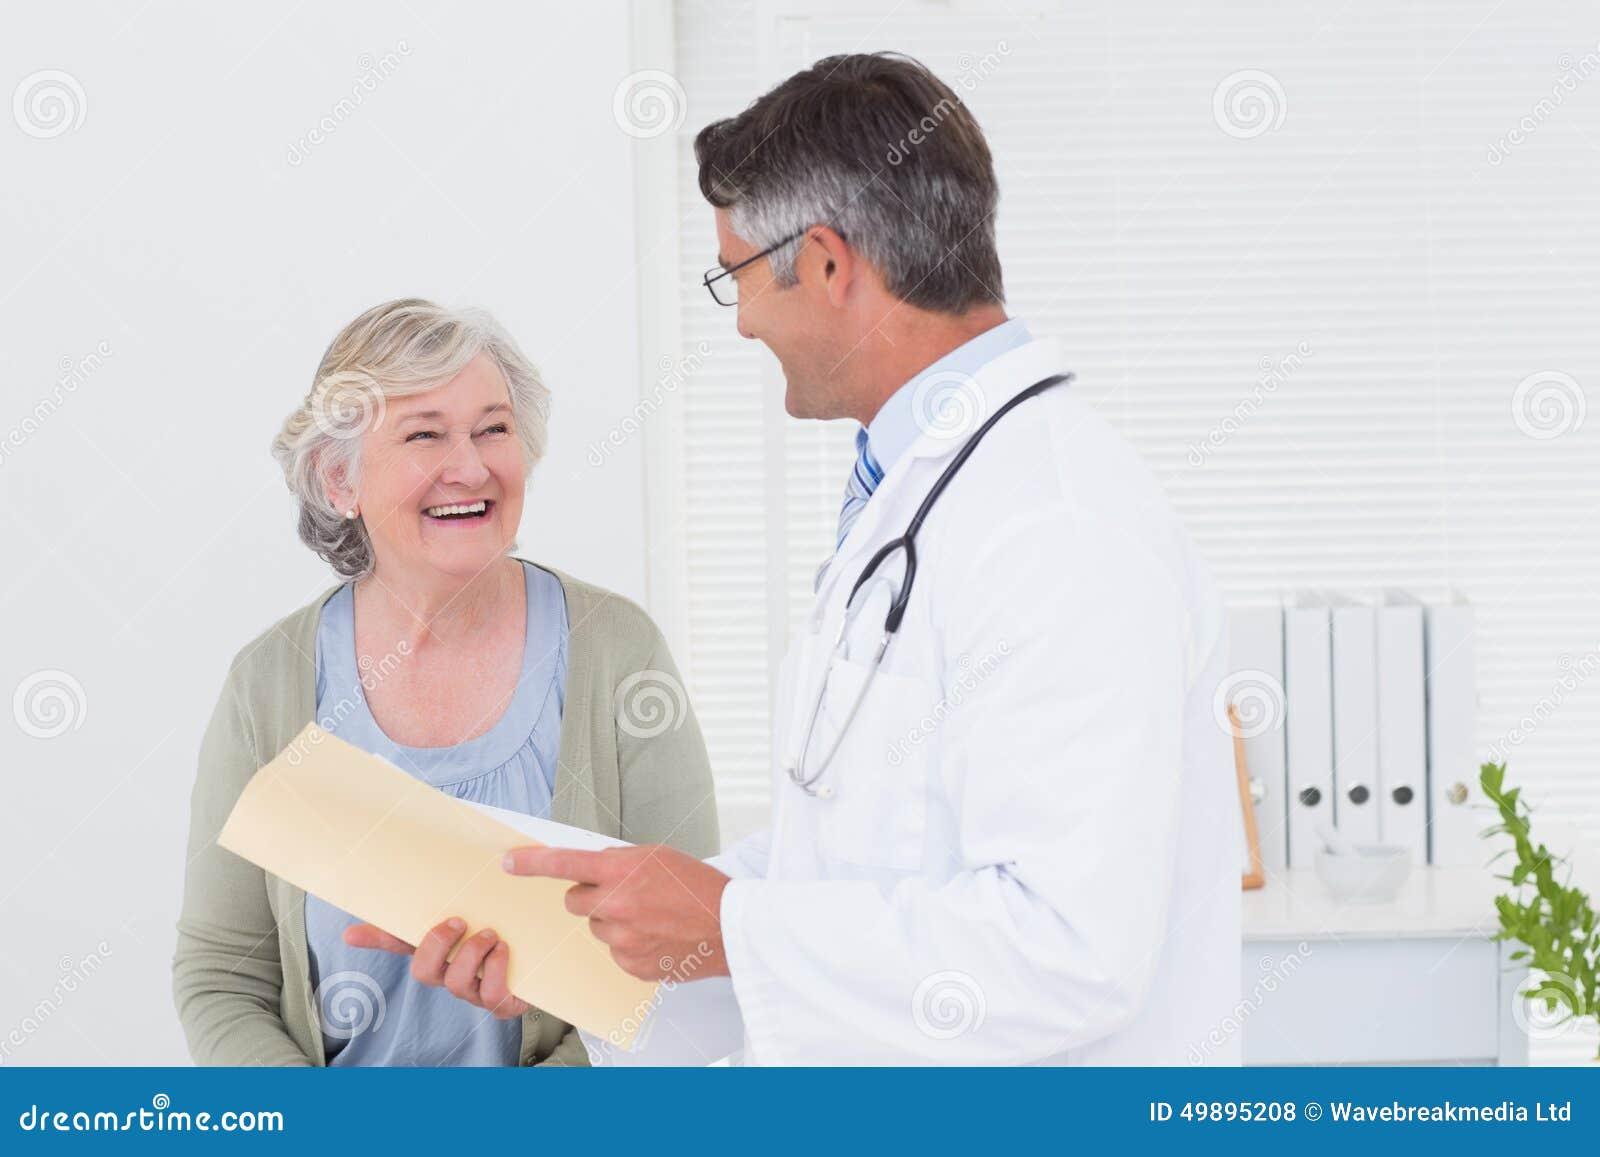 Medico e paziente che conversano sopra i rapporti